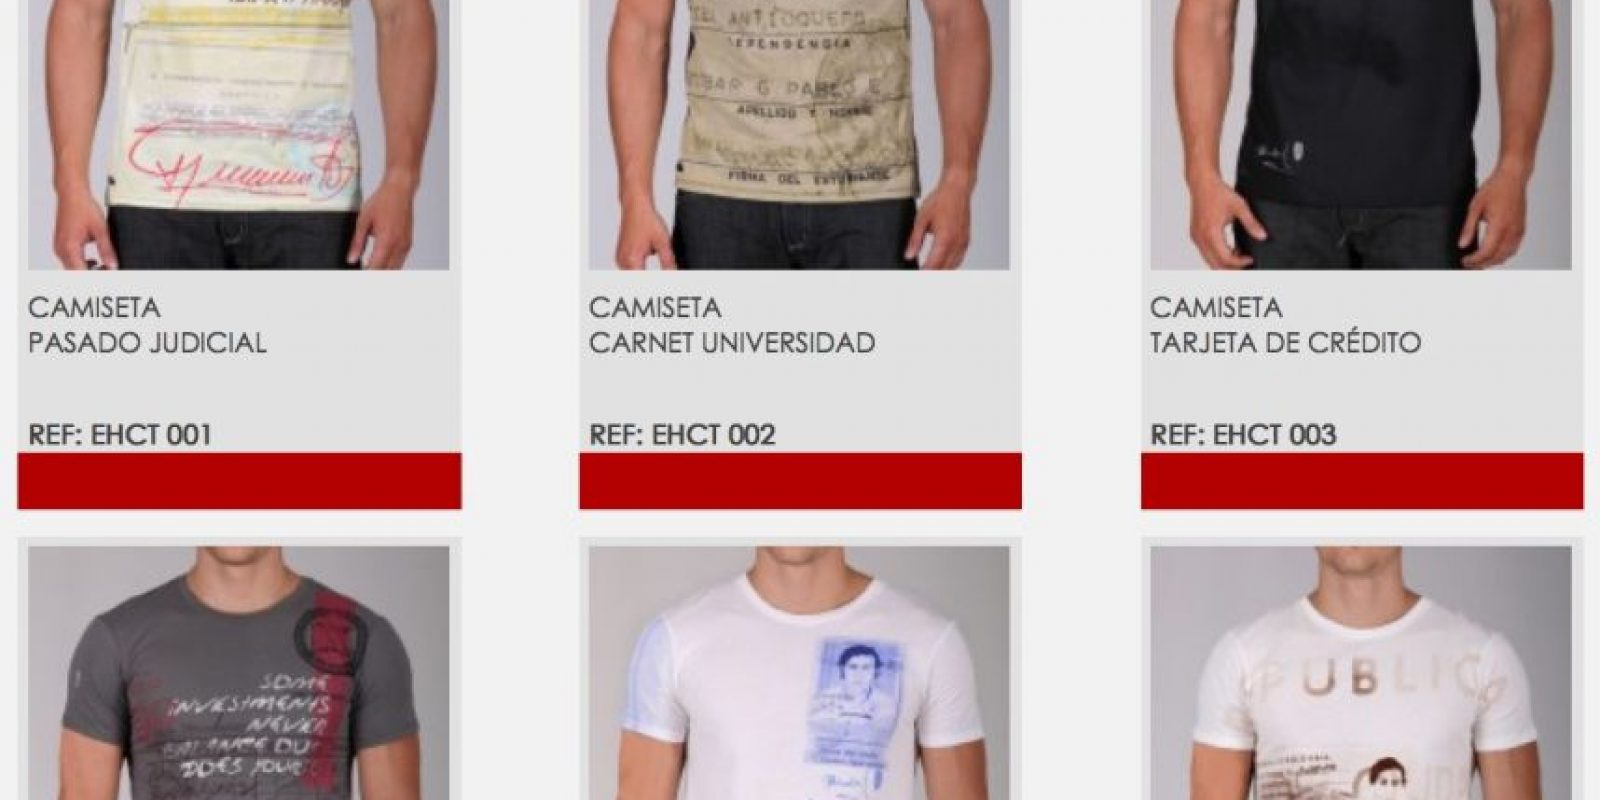 Las prendas tienen un costo de 60 a 95 dólares y se pueden adquirir en iIternet. Foto:Vía escobarhenao.com